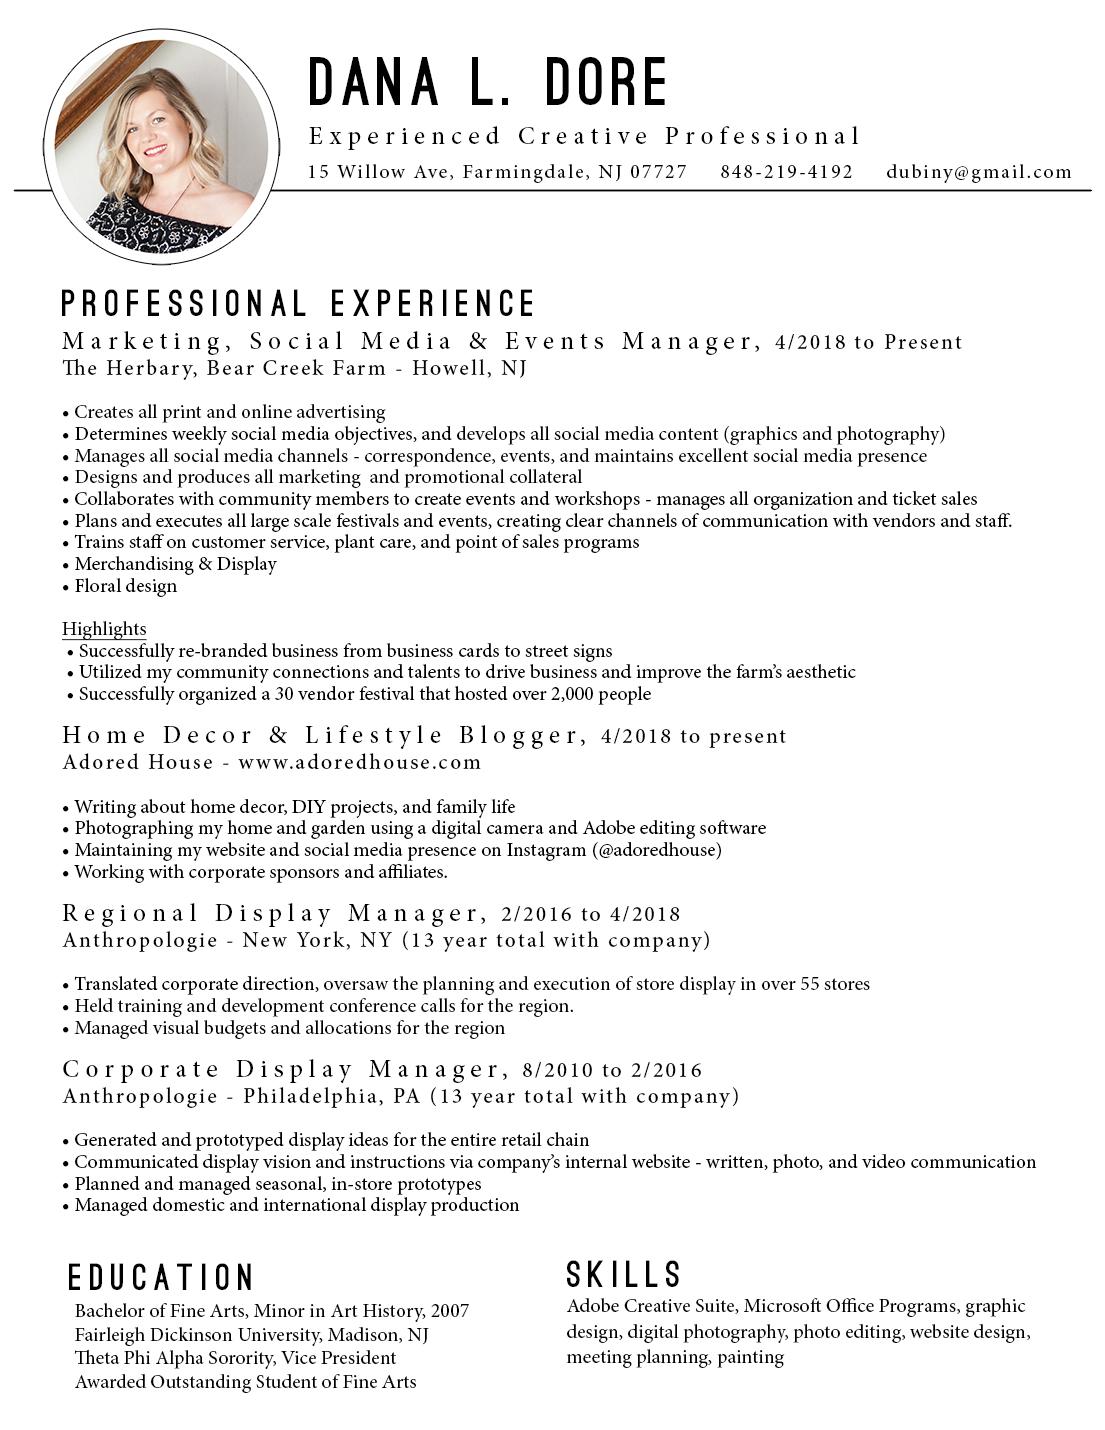 Dana_Dore_resume.jpg